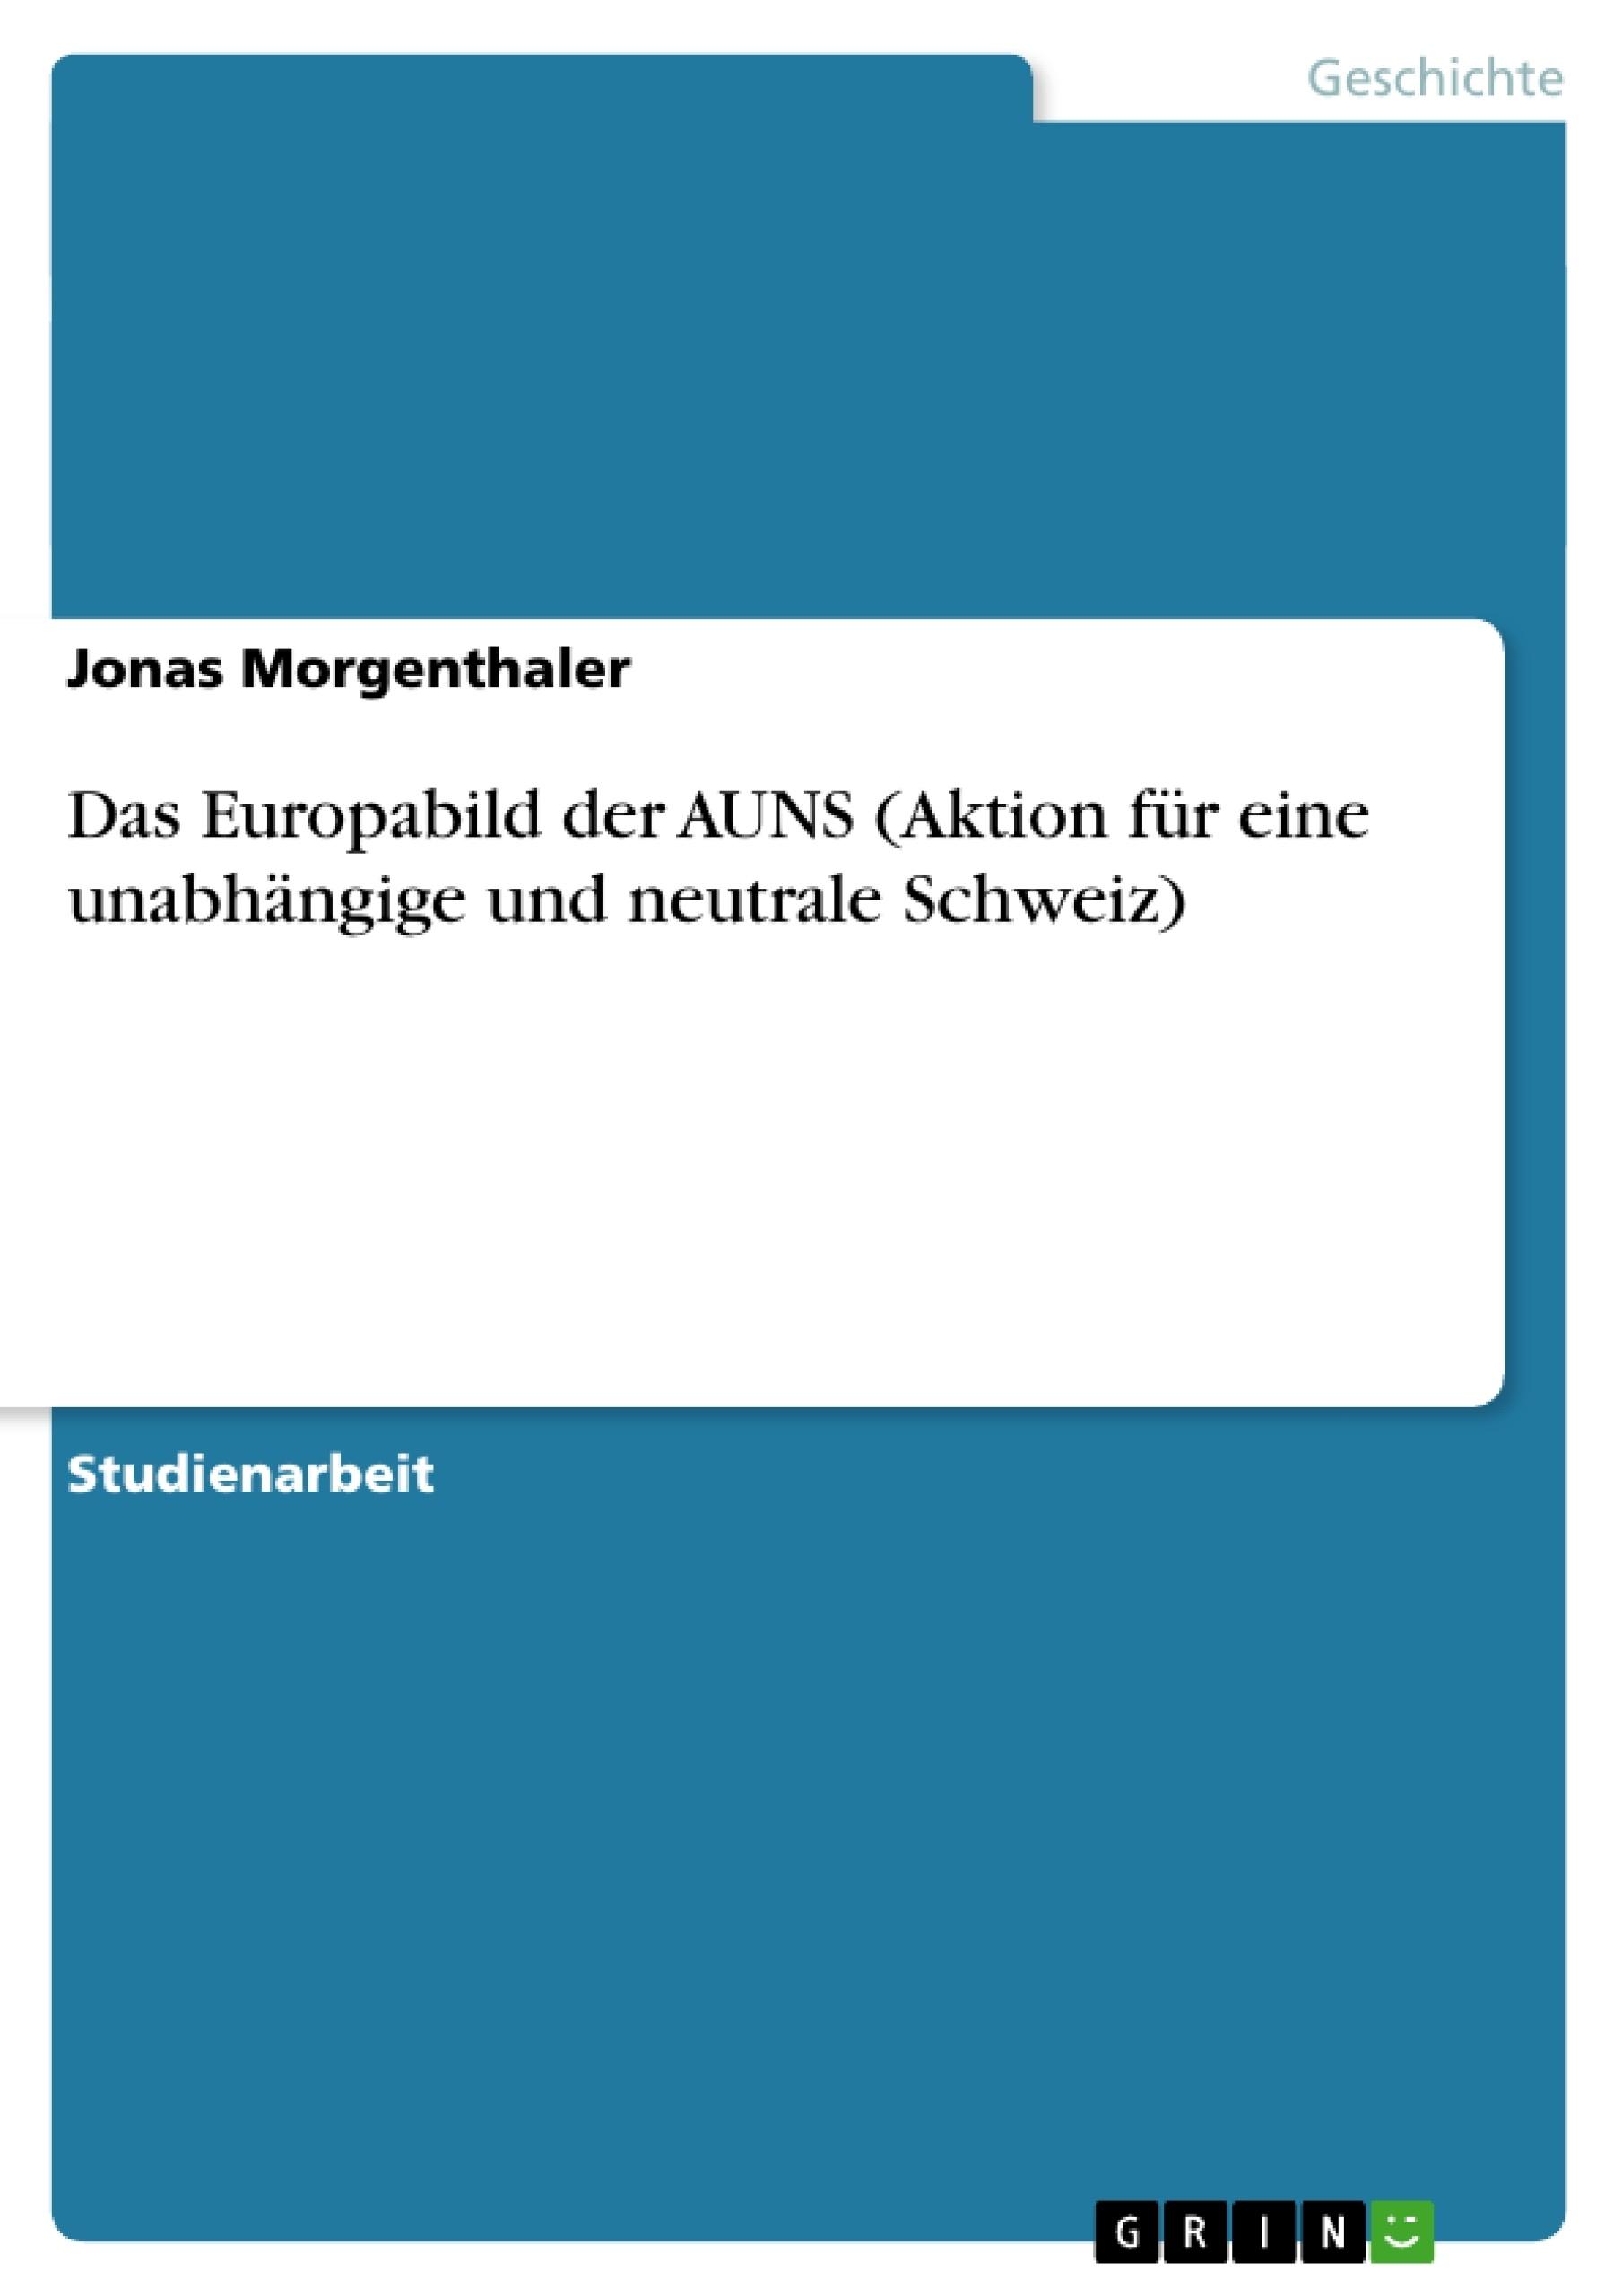 Titel: Das Europabild der AUNS (Aktion für eine unabhängige und neutrale Schweiz)